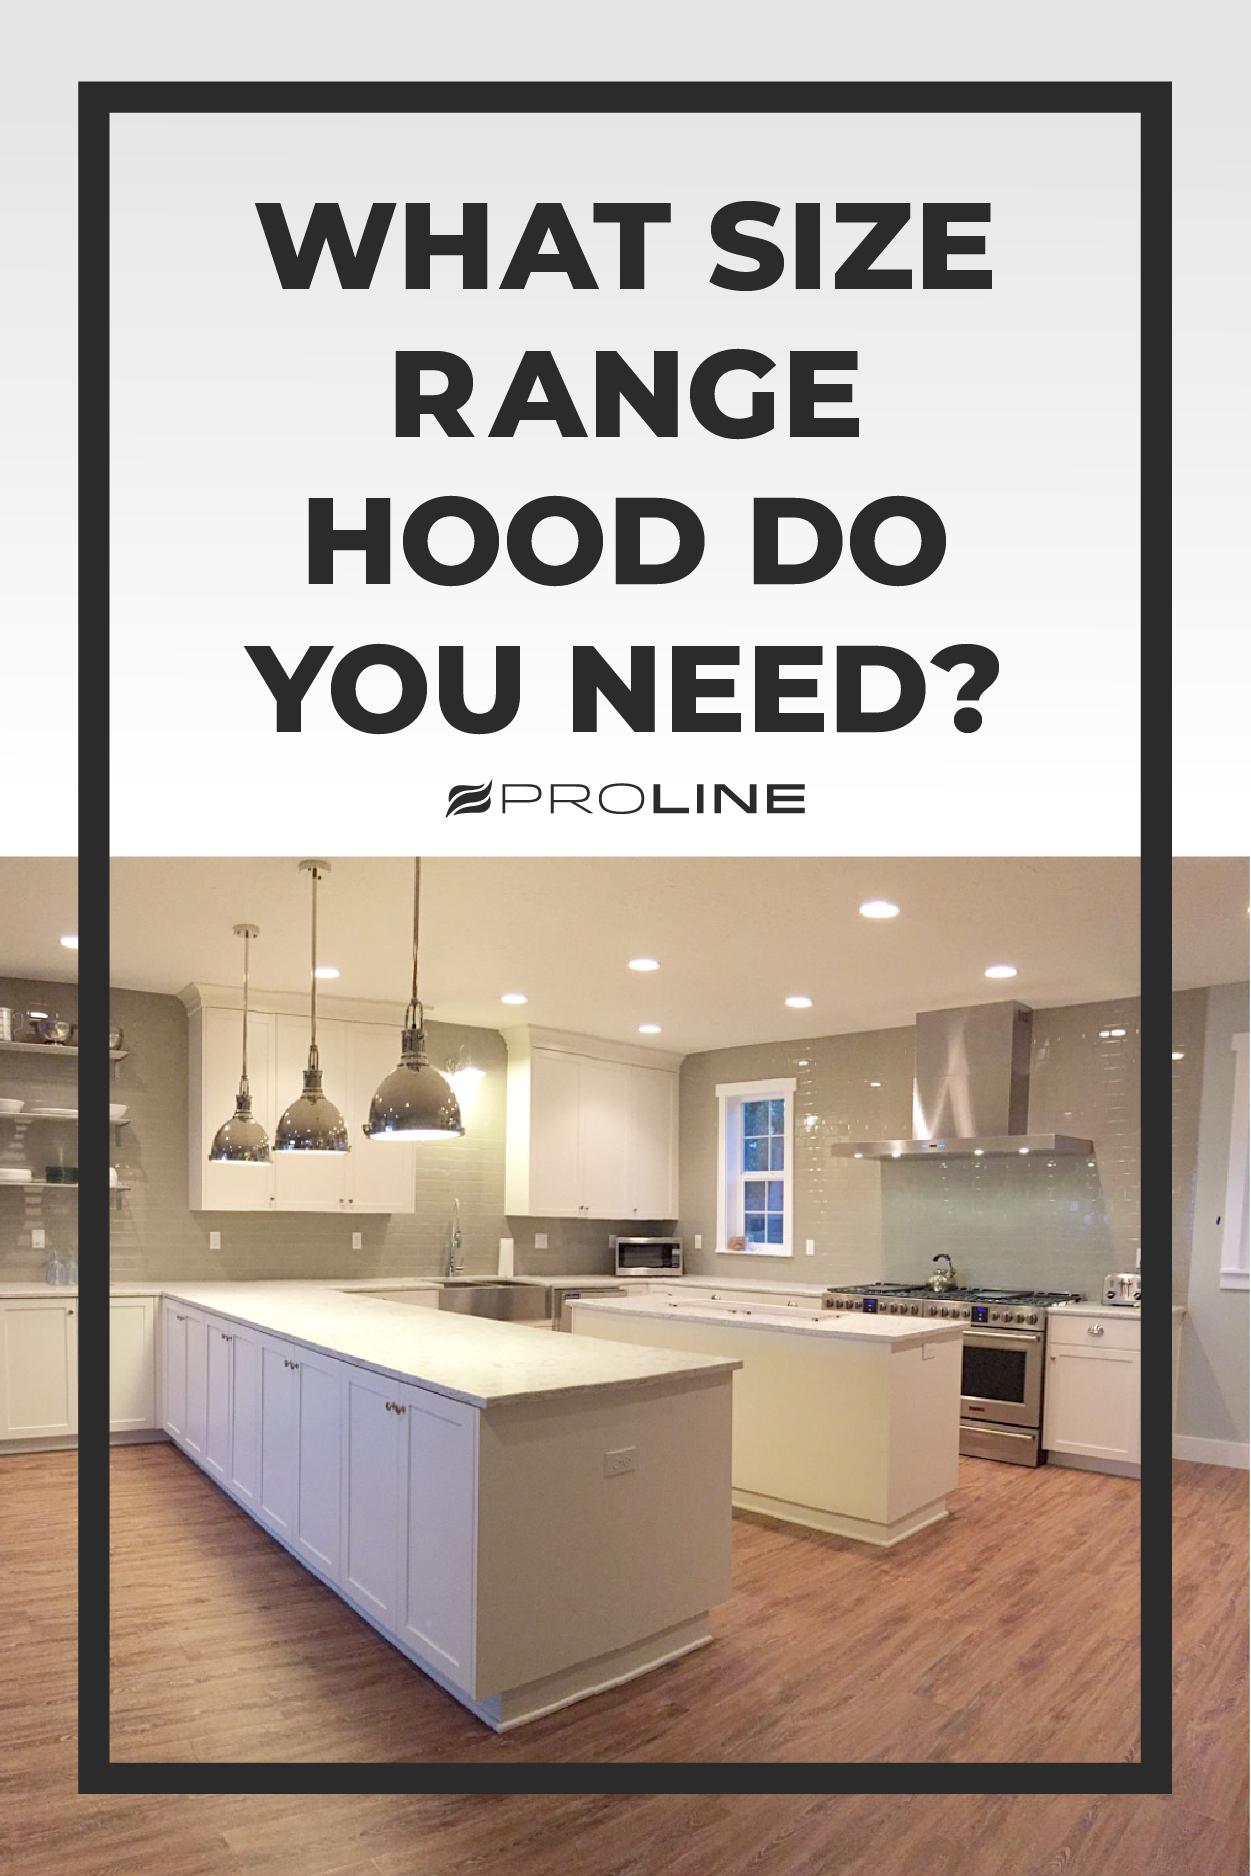 Range Hood Size Definitive Guide Range Hood Complete Kitchen Remodel Kitchen Range Hood